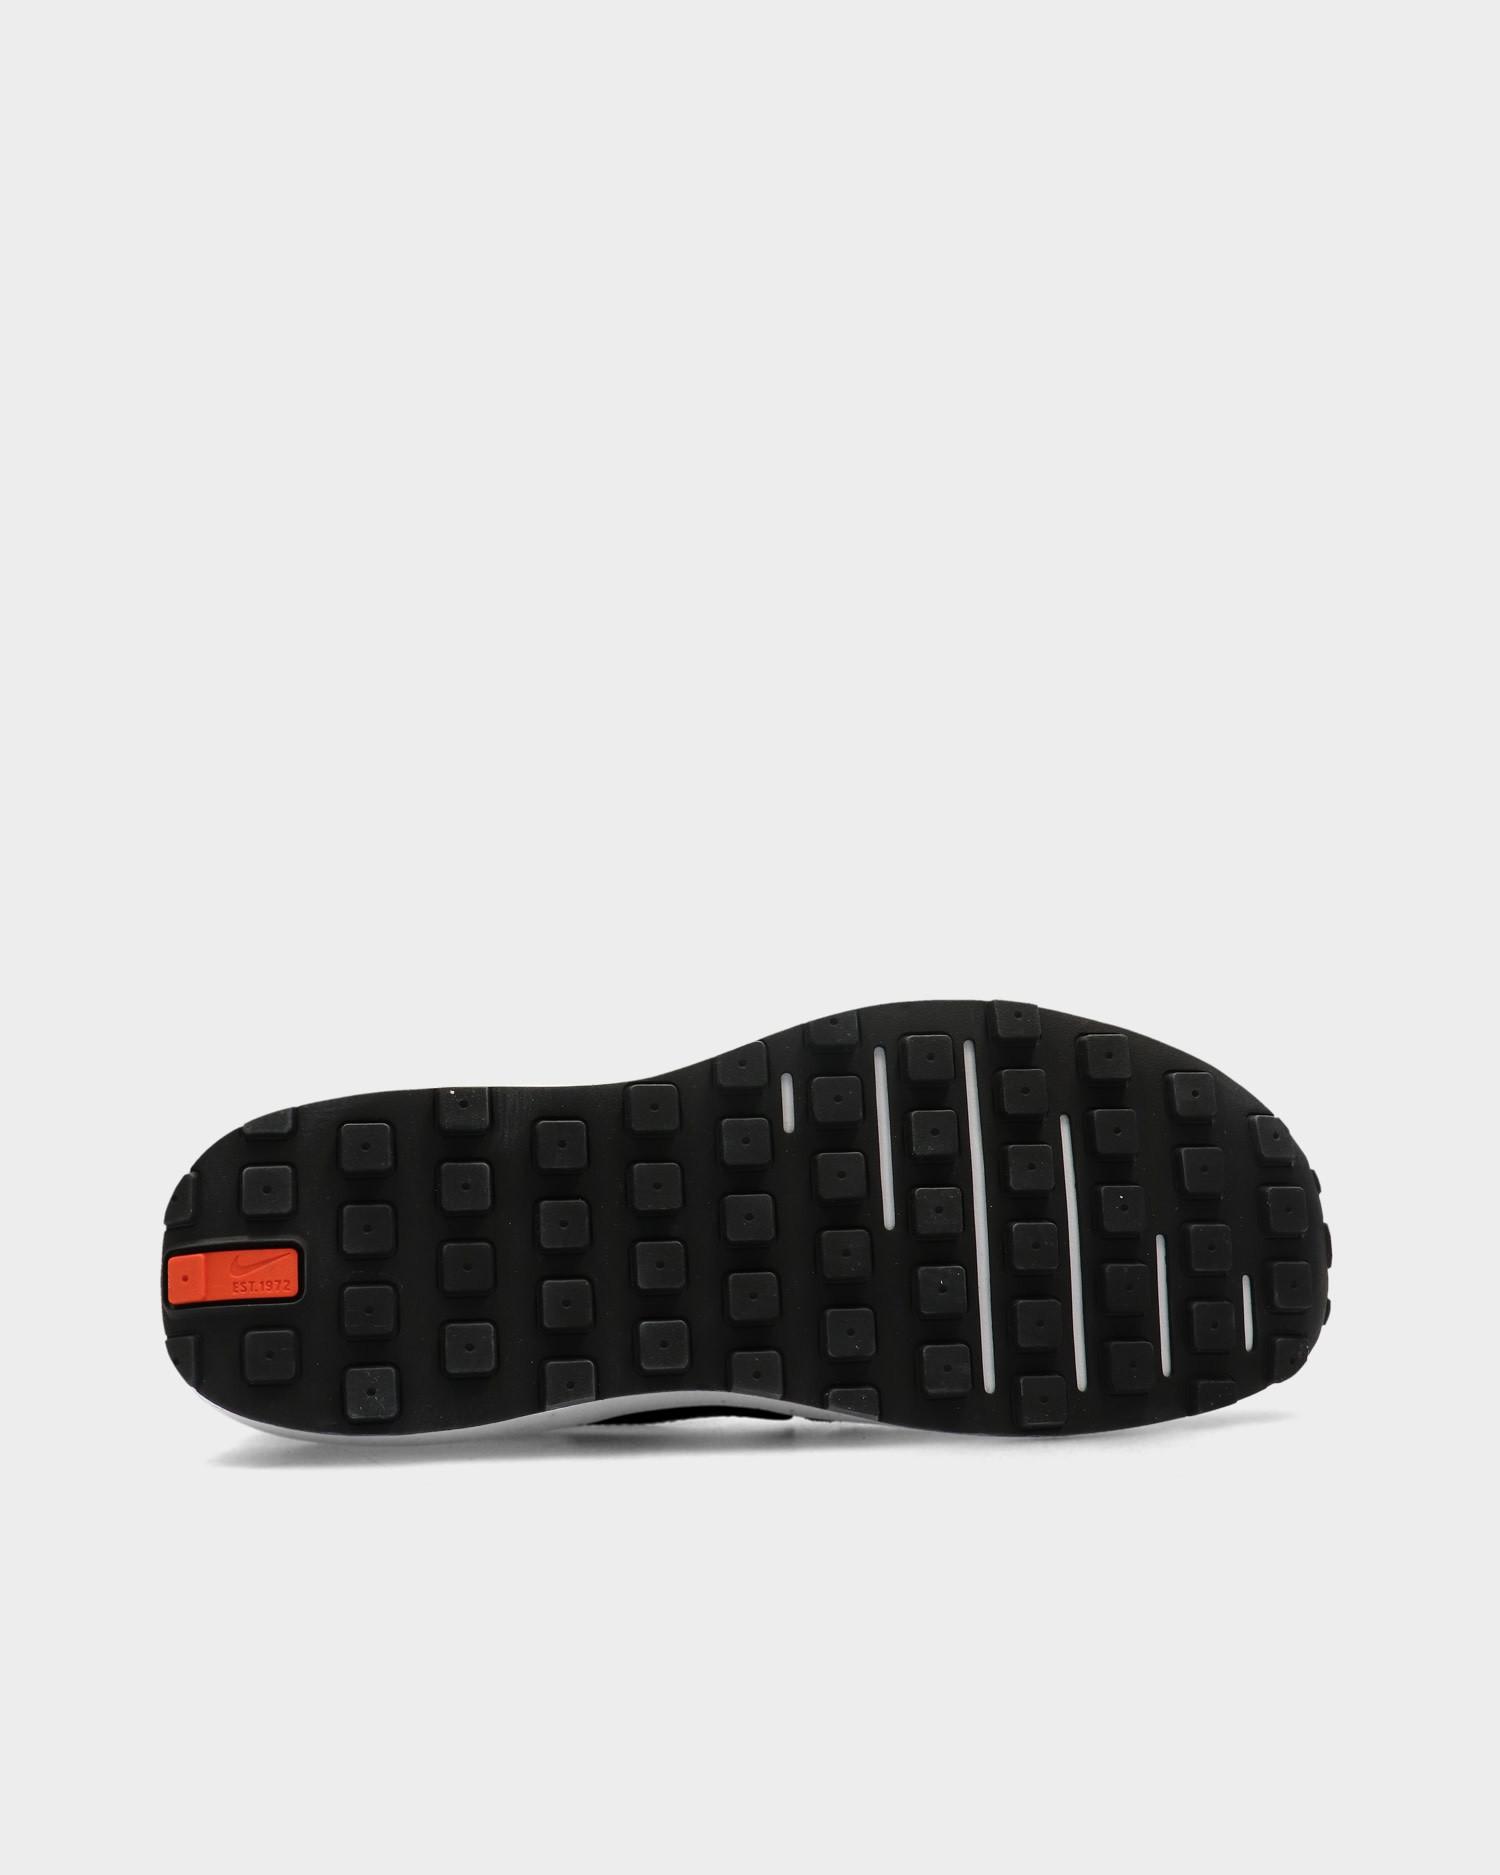 Nike Waffle One Summit white/white-black-orange